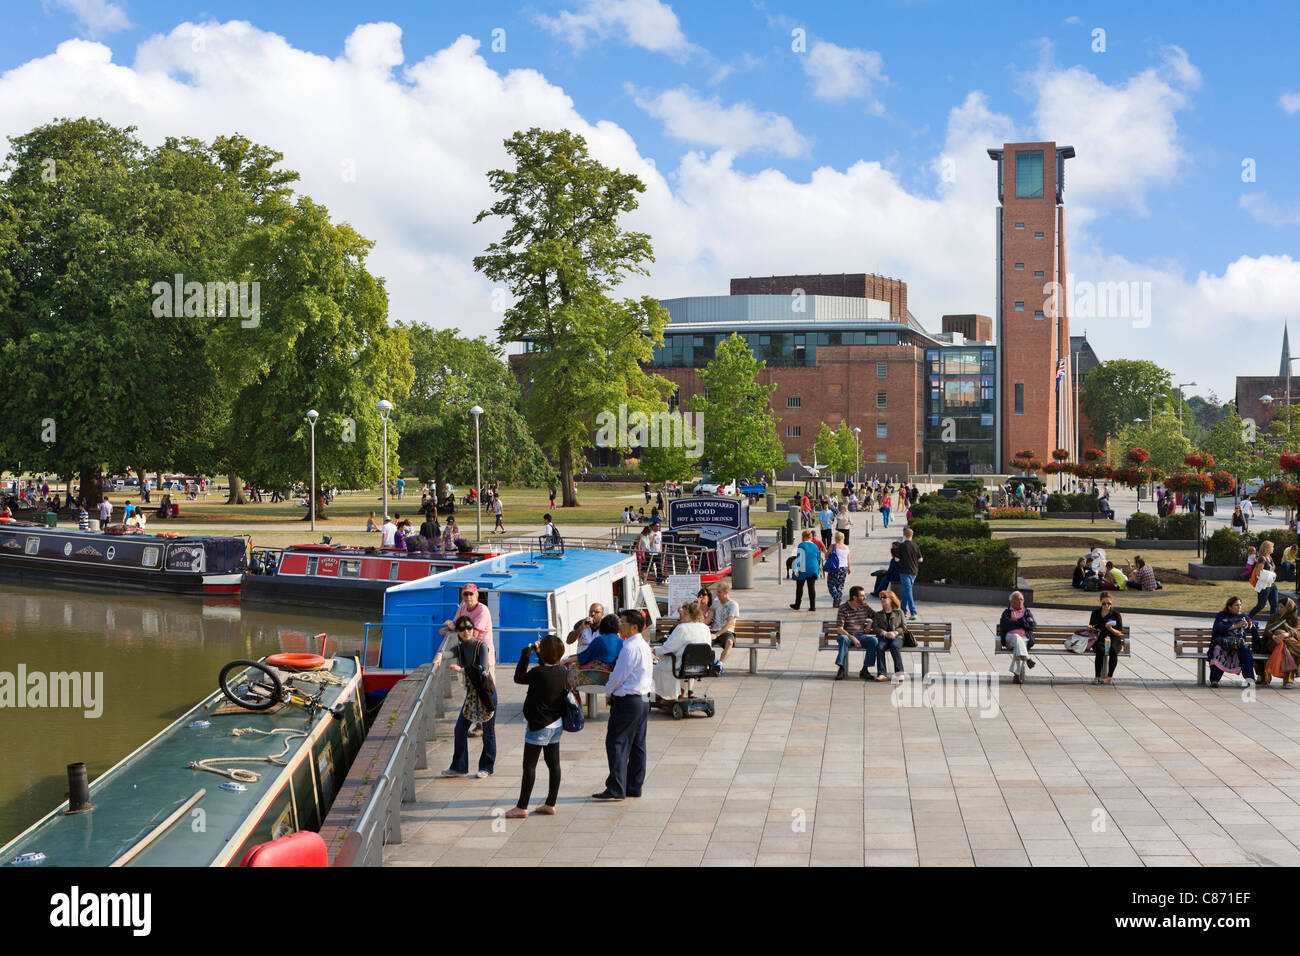 Vue sur le bassin du Canal et Bancroft Park à la Royal Shakespeare Theatre, Stratford-upon-Avon, Warwickshire, Photo Stock